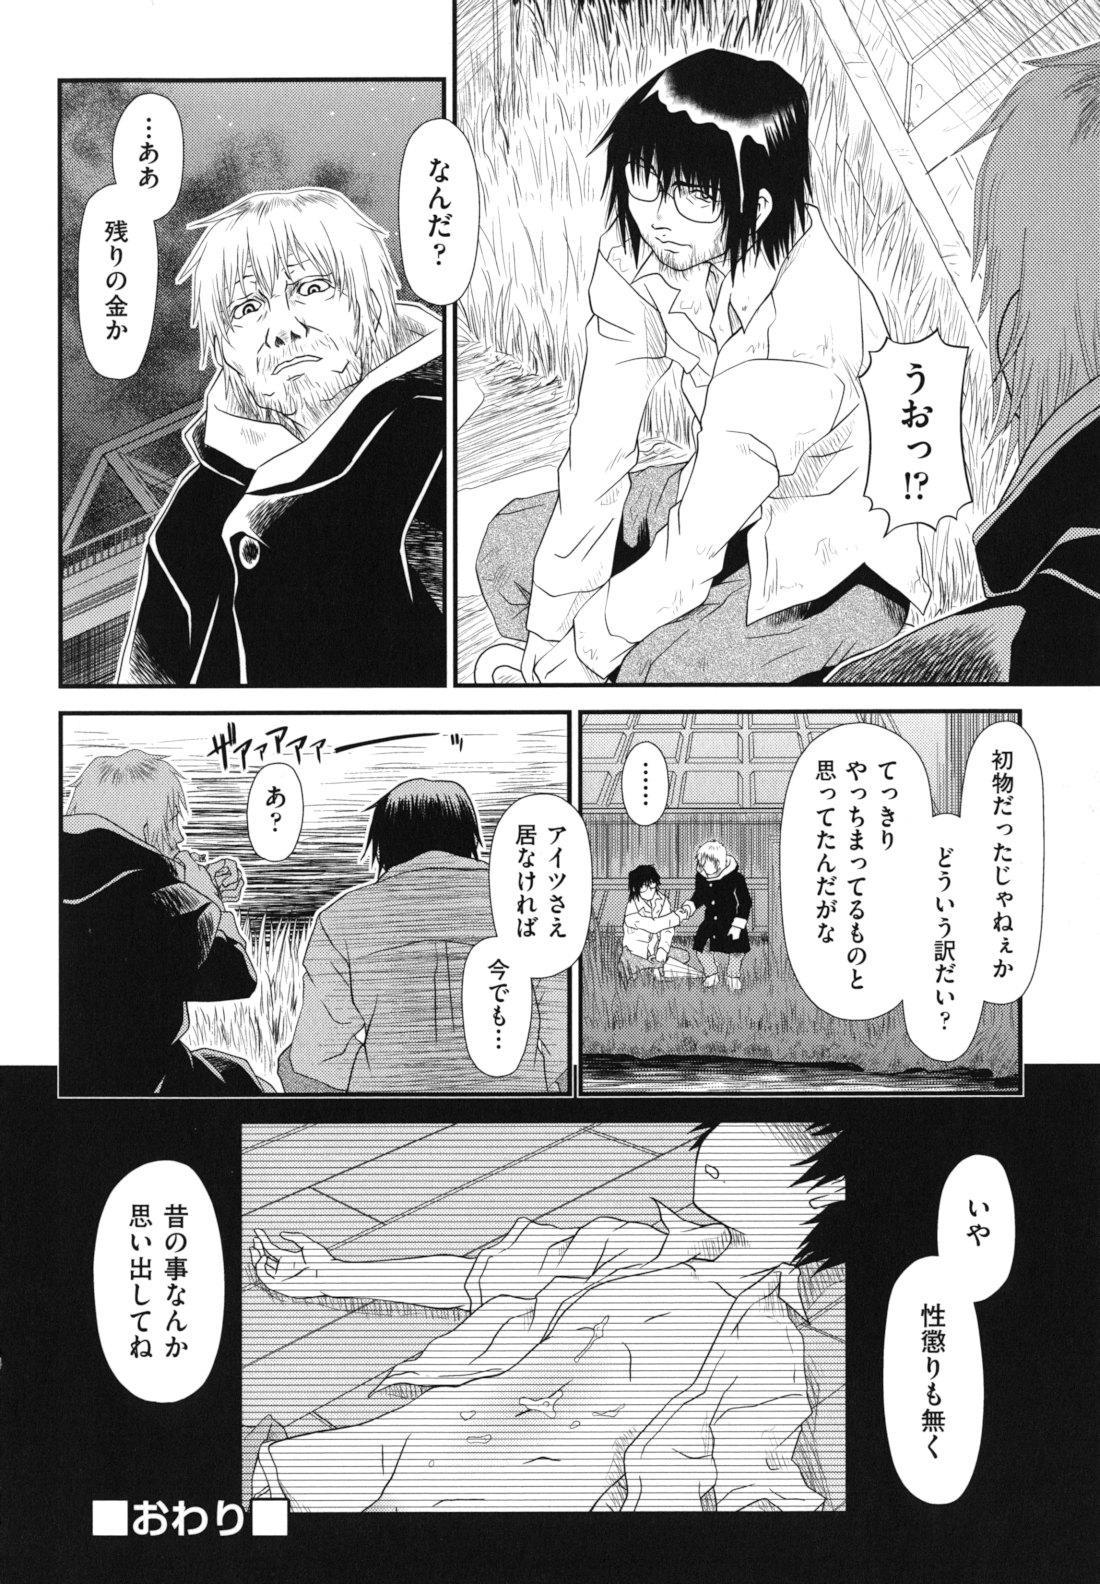 Twintail de Kneesocks no Onnanoko tachi ga Kyakkya de Ufufu♥ 166